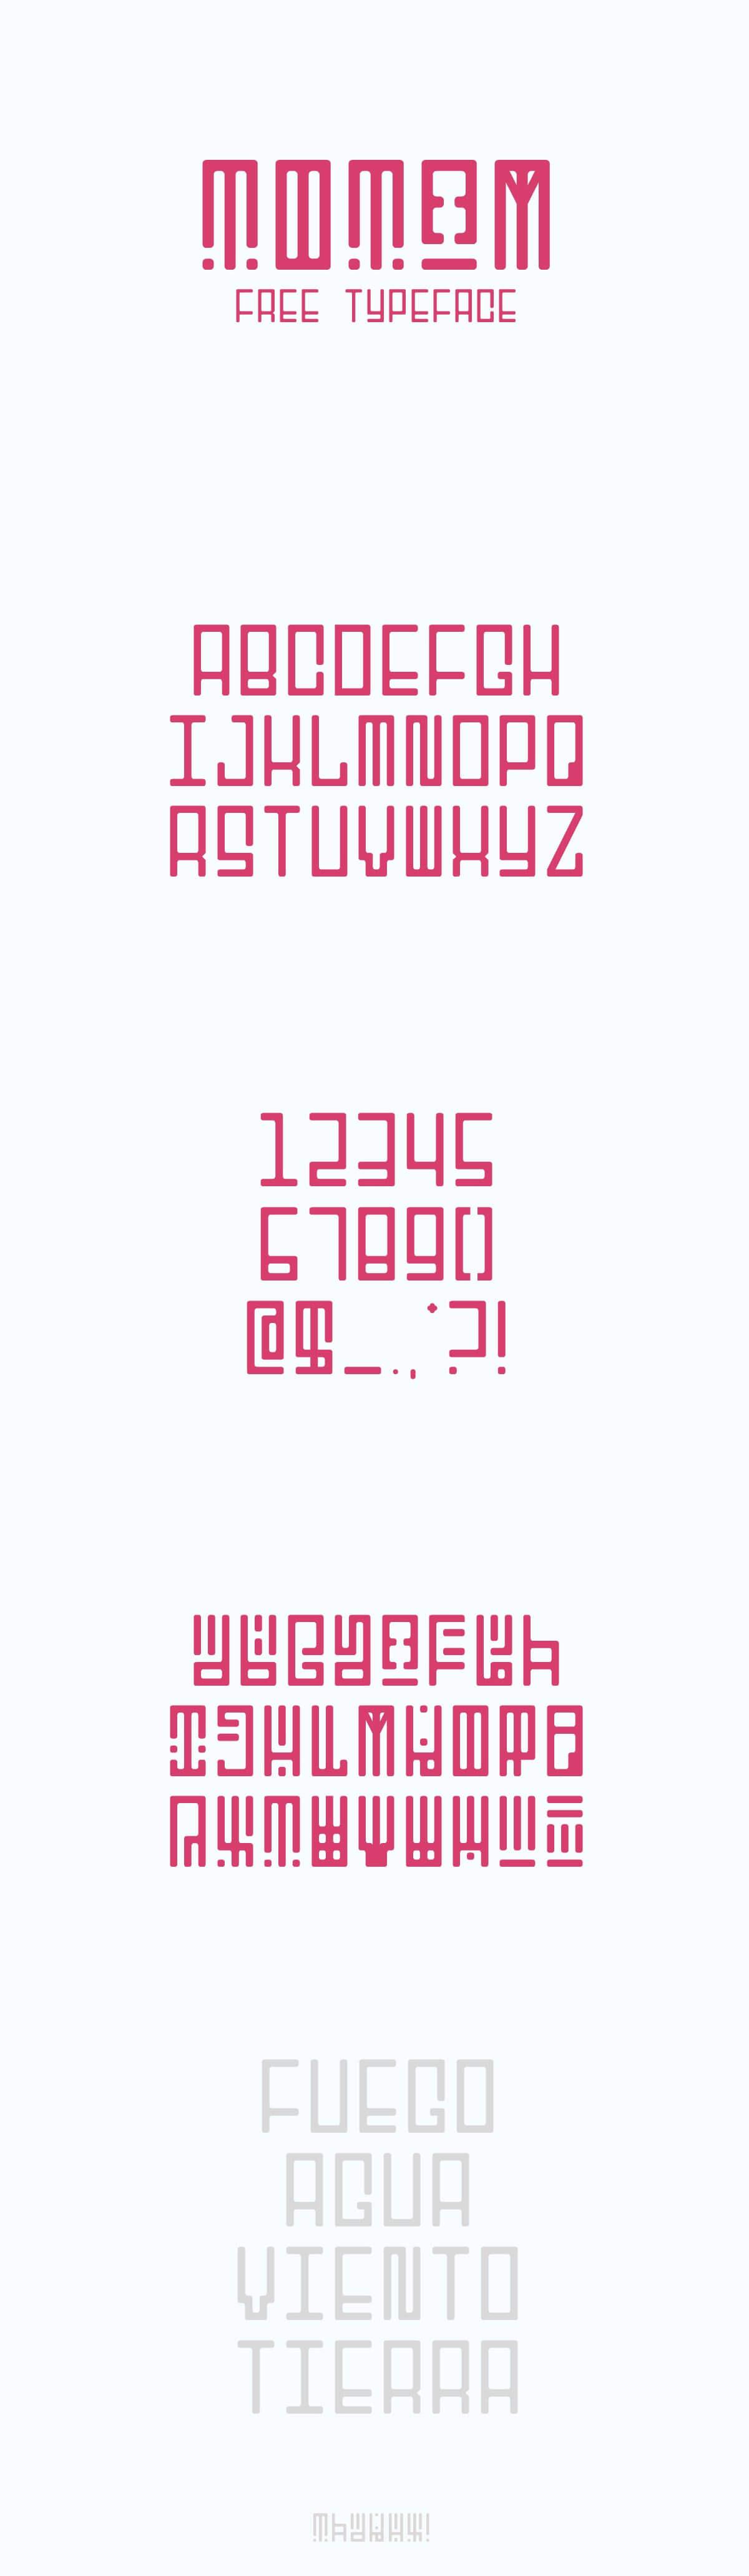 Free Totem Display Font